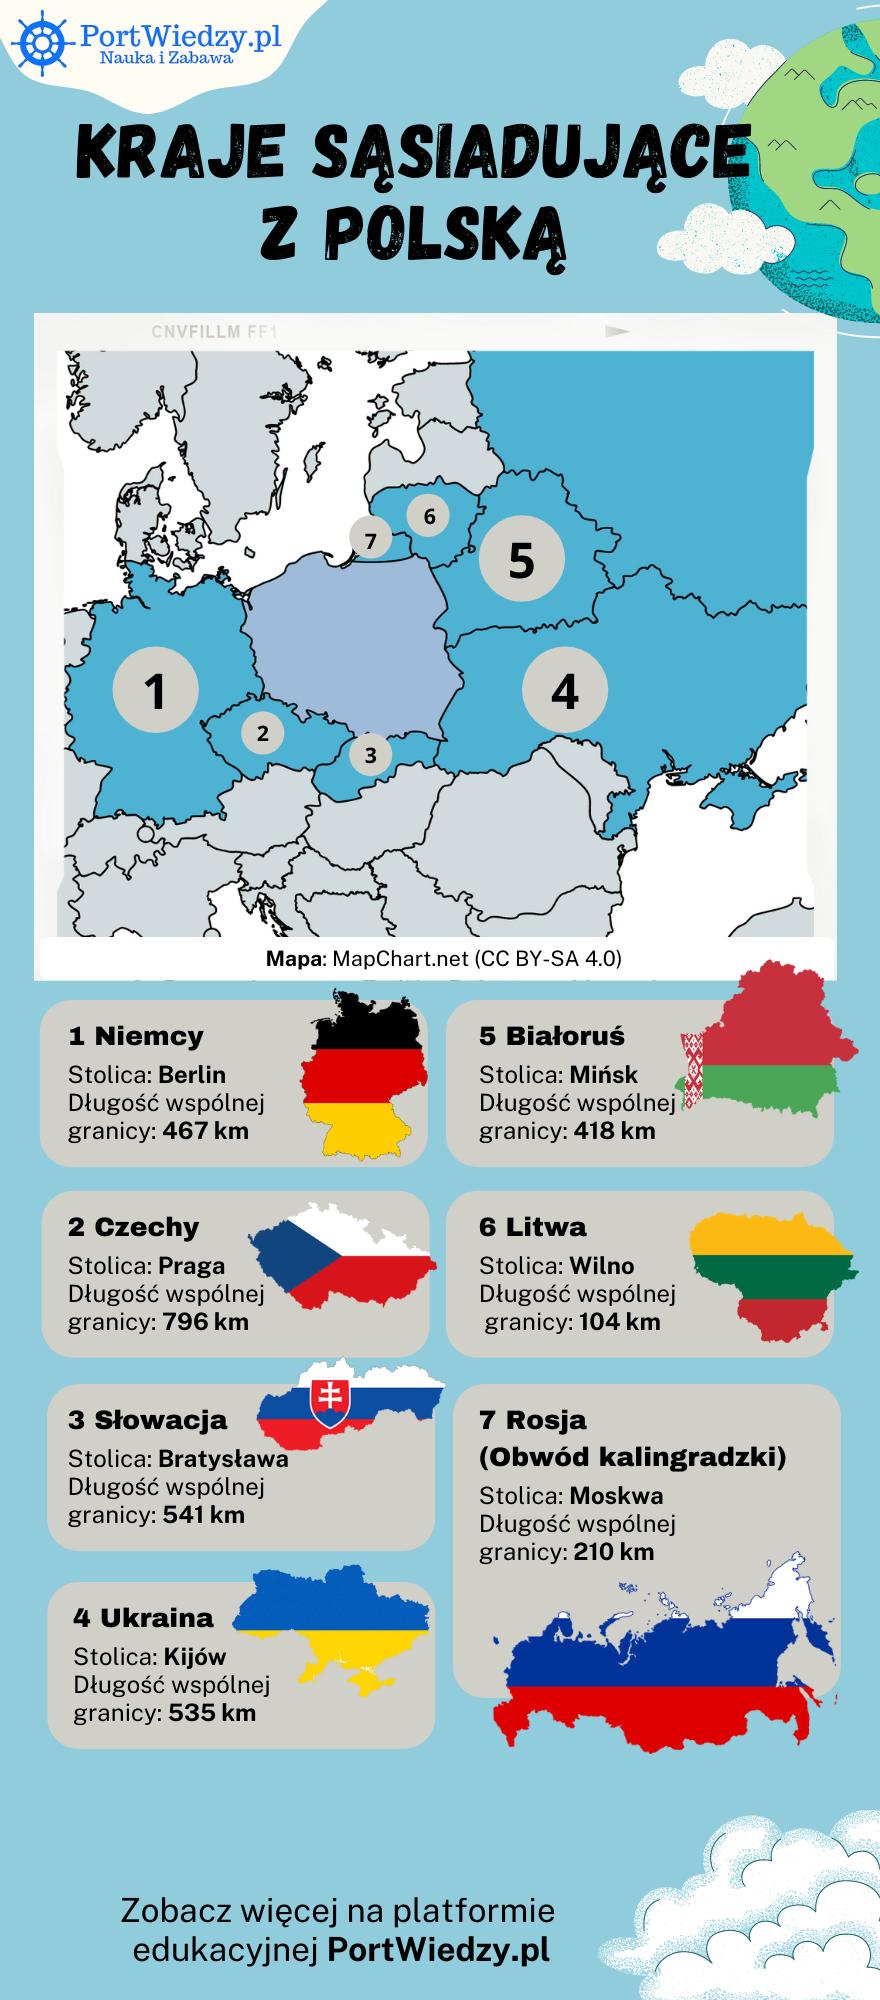 sasiedzi polski - Kraje sąsiadujące z Polską